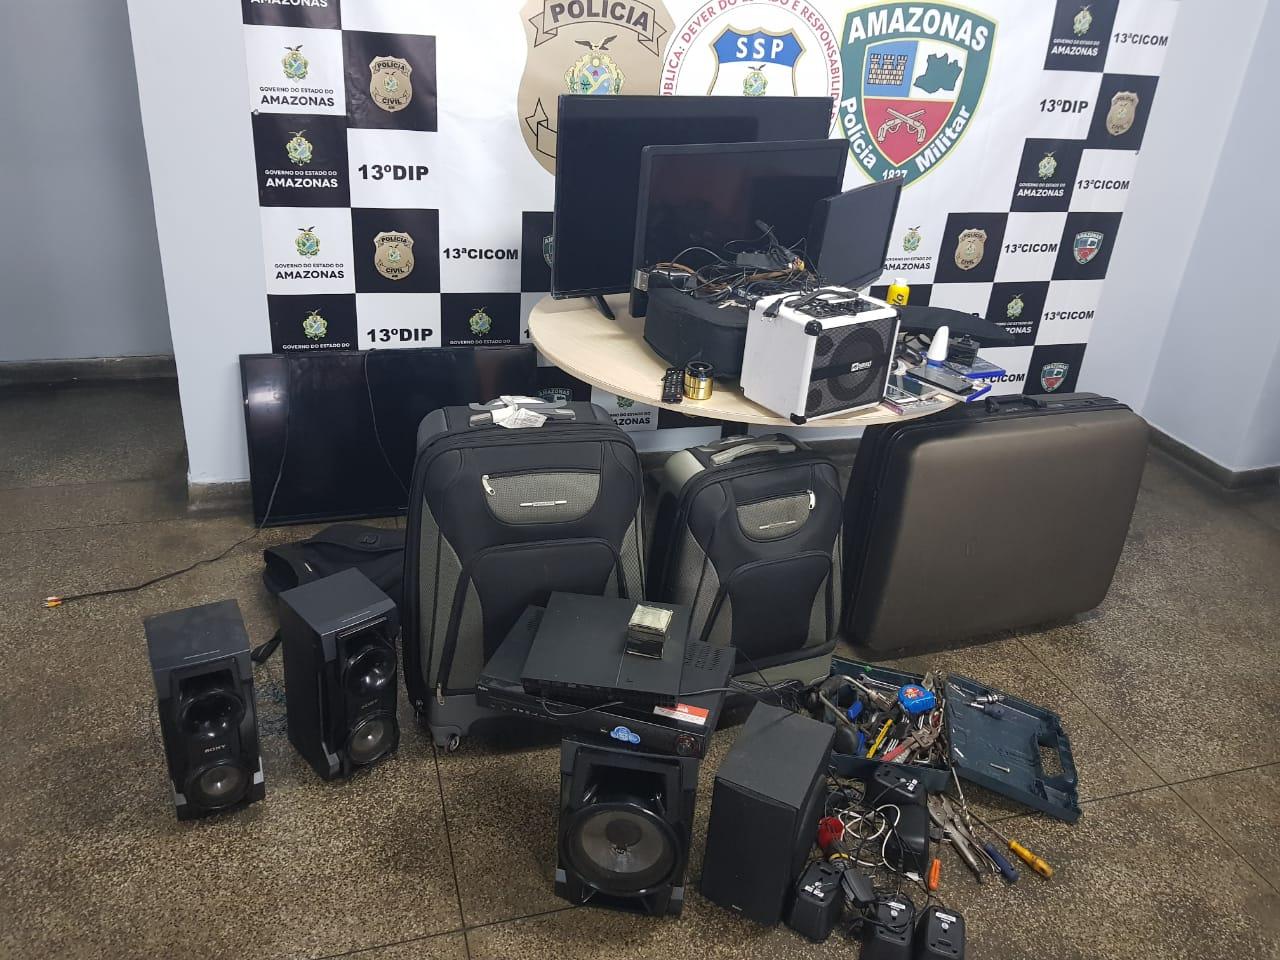 aparelhos eletrônicos furtados